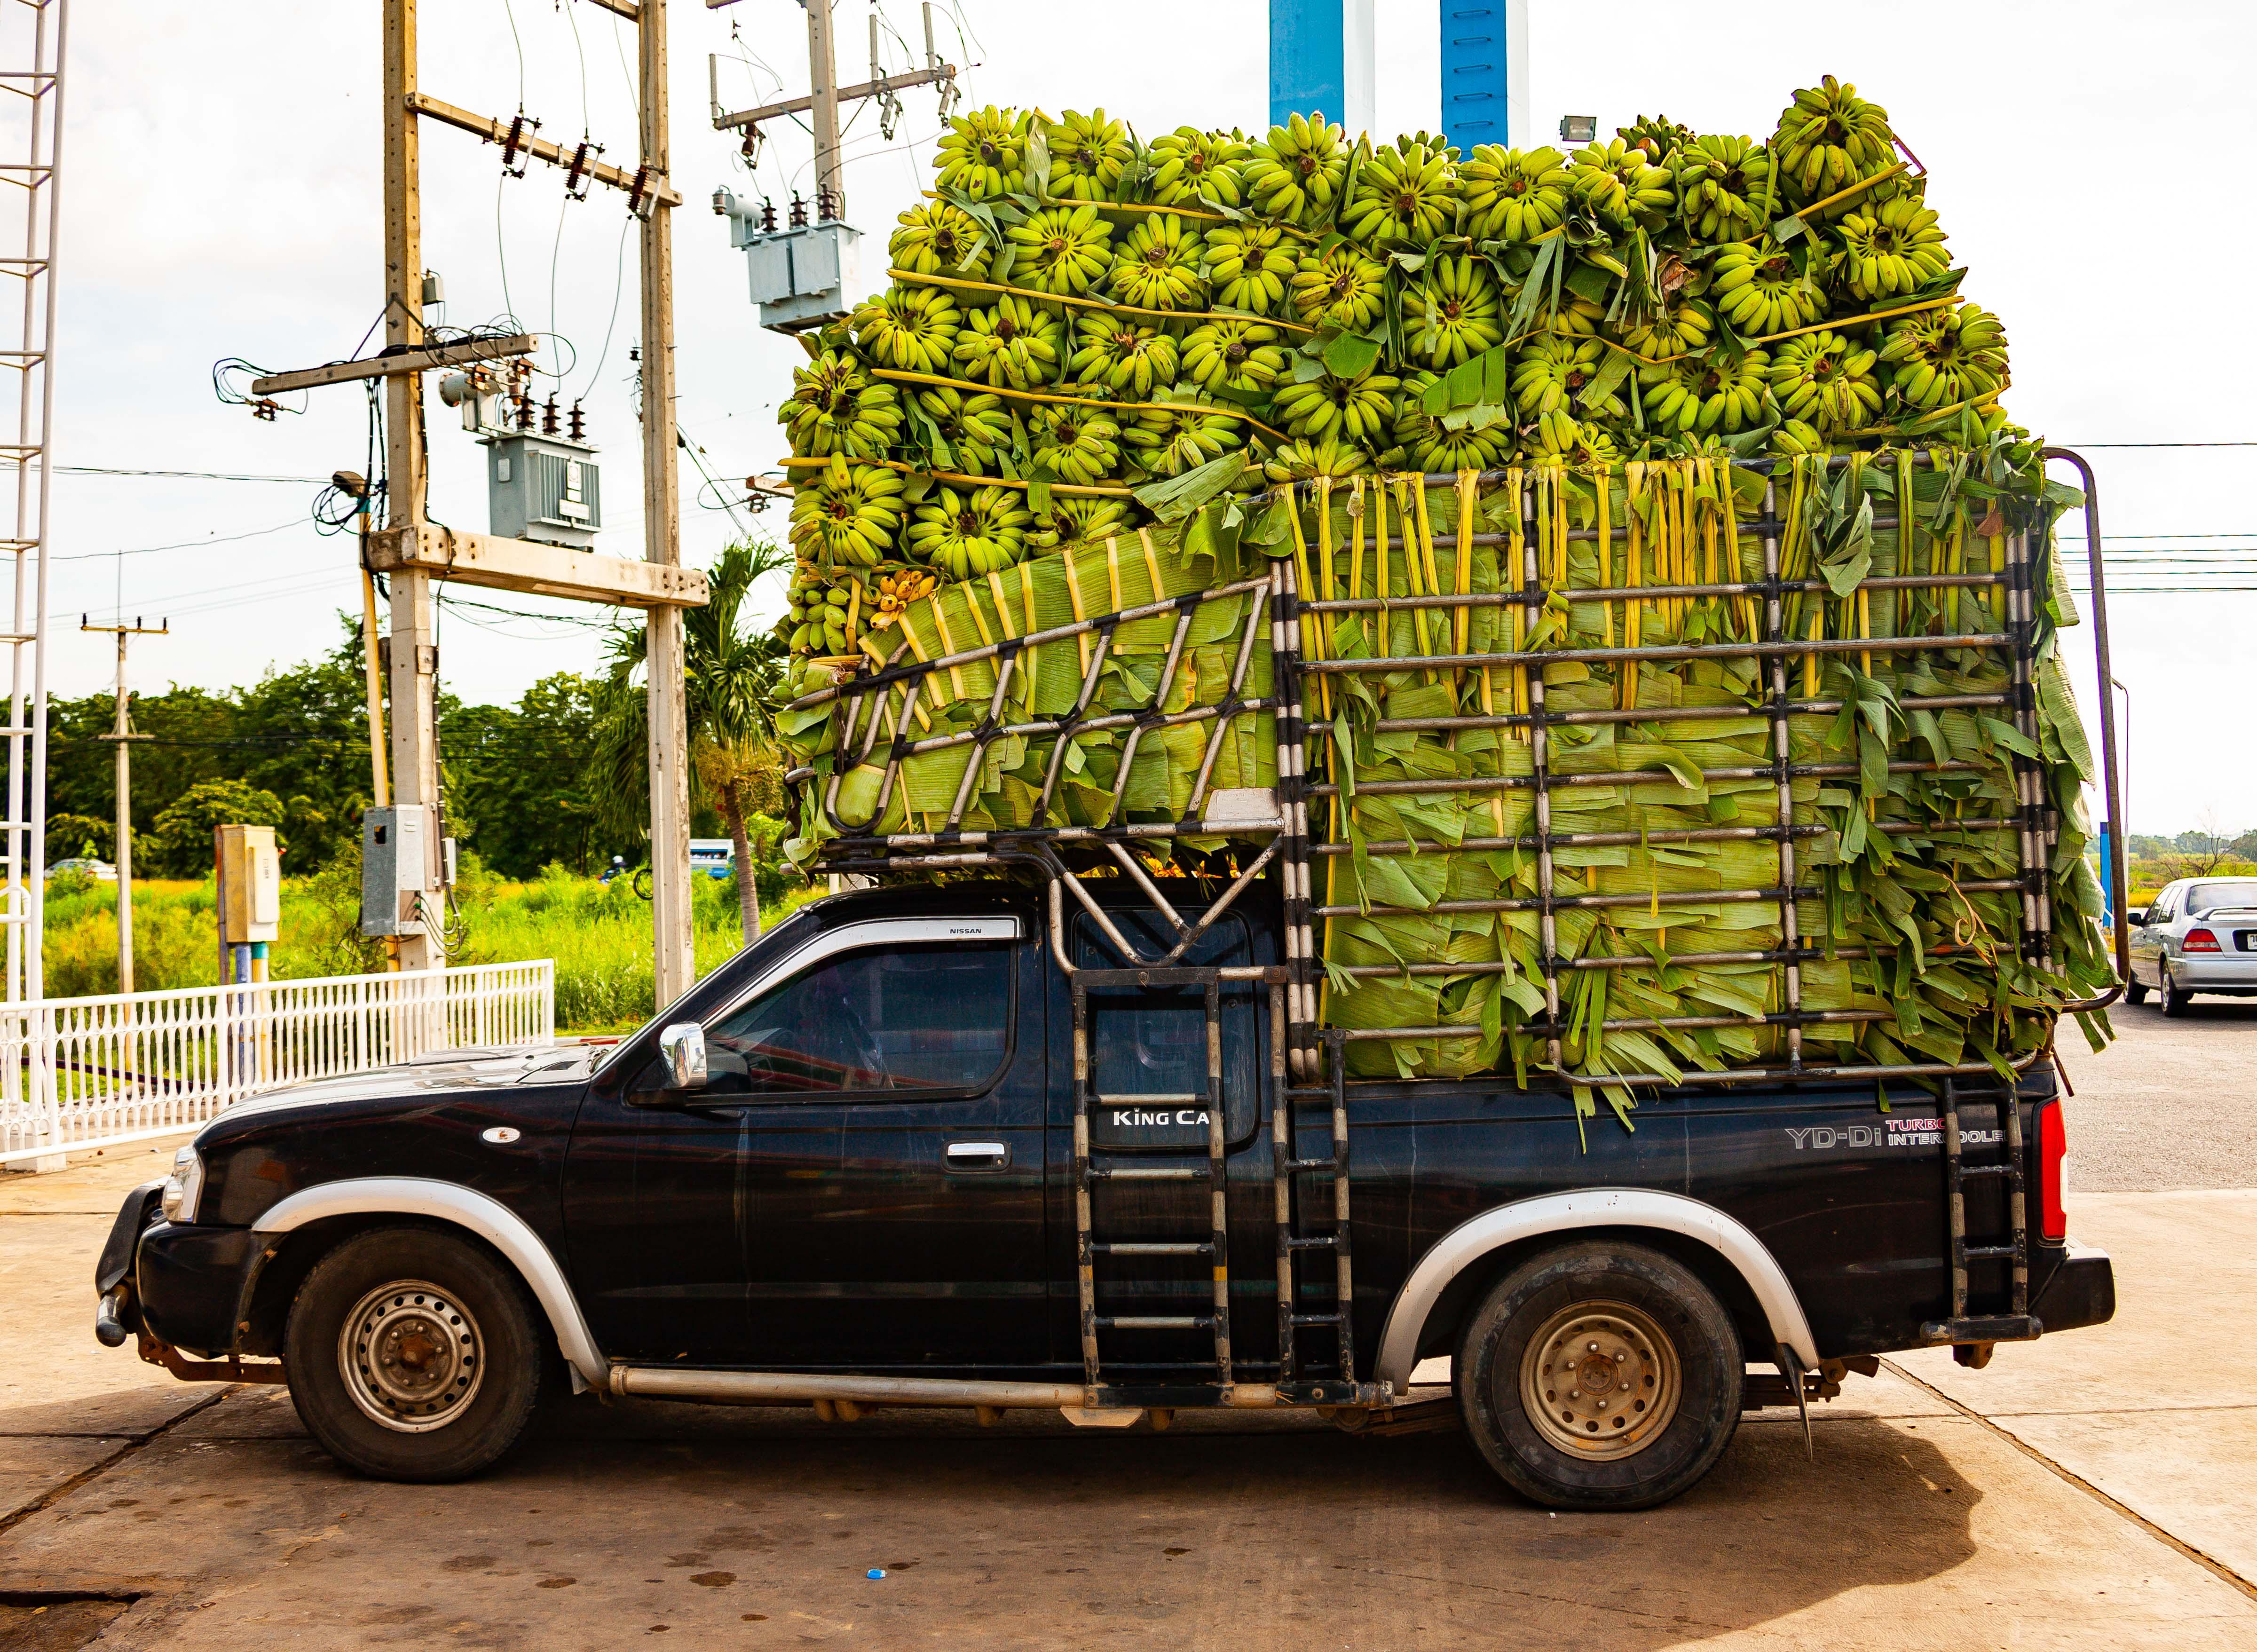 Thailand, Nakhon Sawan Prov, Banana Truck, 2008, IMG 3309